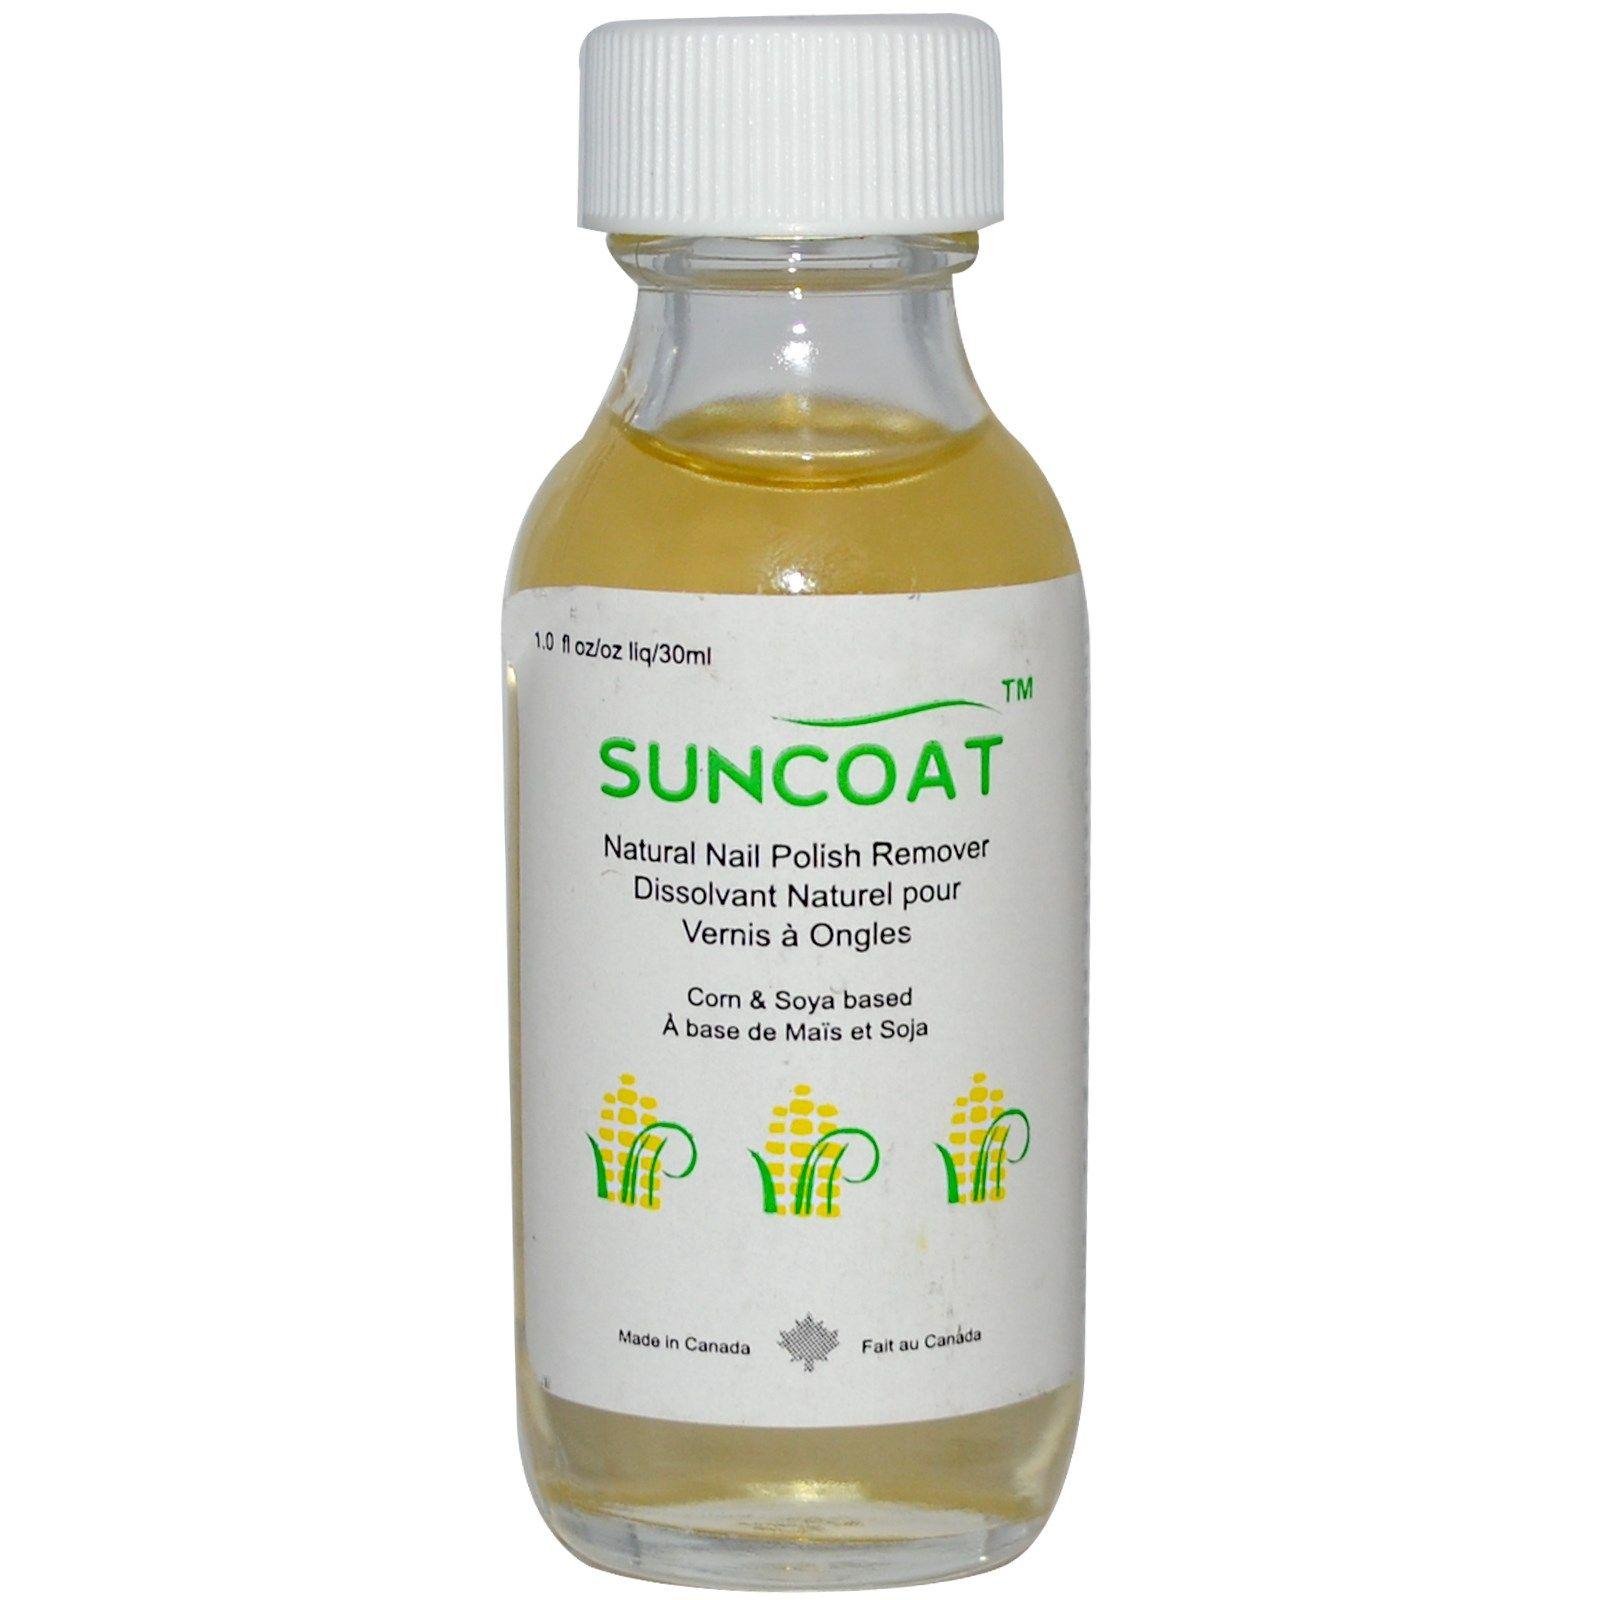 Suncoat, Natural Nail Polish Remover, 1 fl oz (30 ml) (Discontinued ...